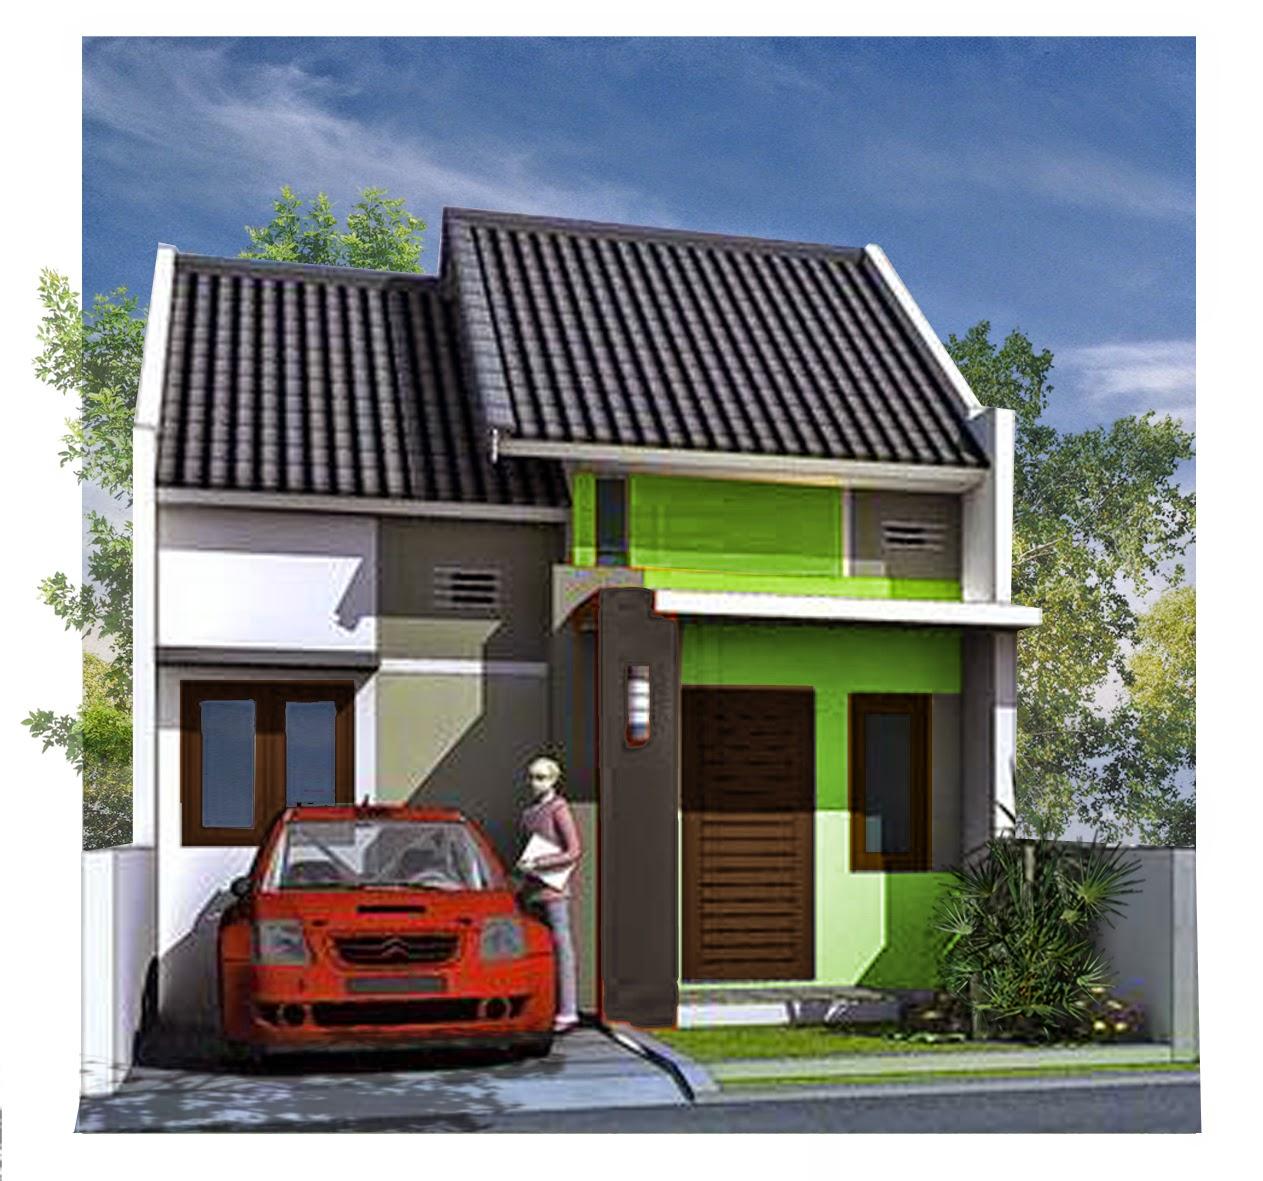 Desain Rumah Minimalis Type 36 Tampak Depan Desain Rumah Minimalis